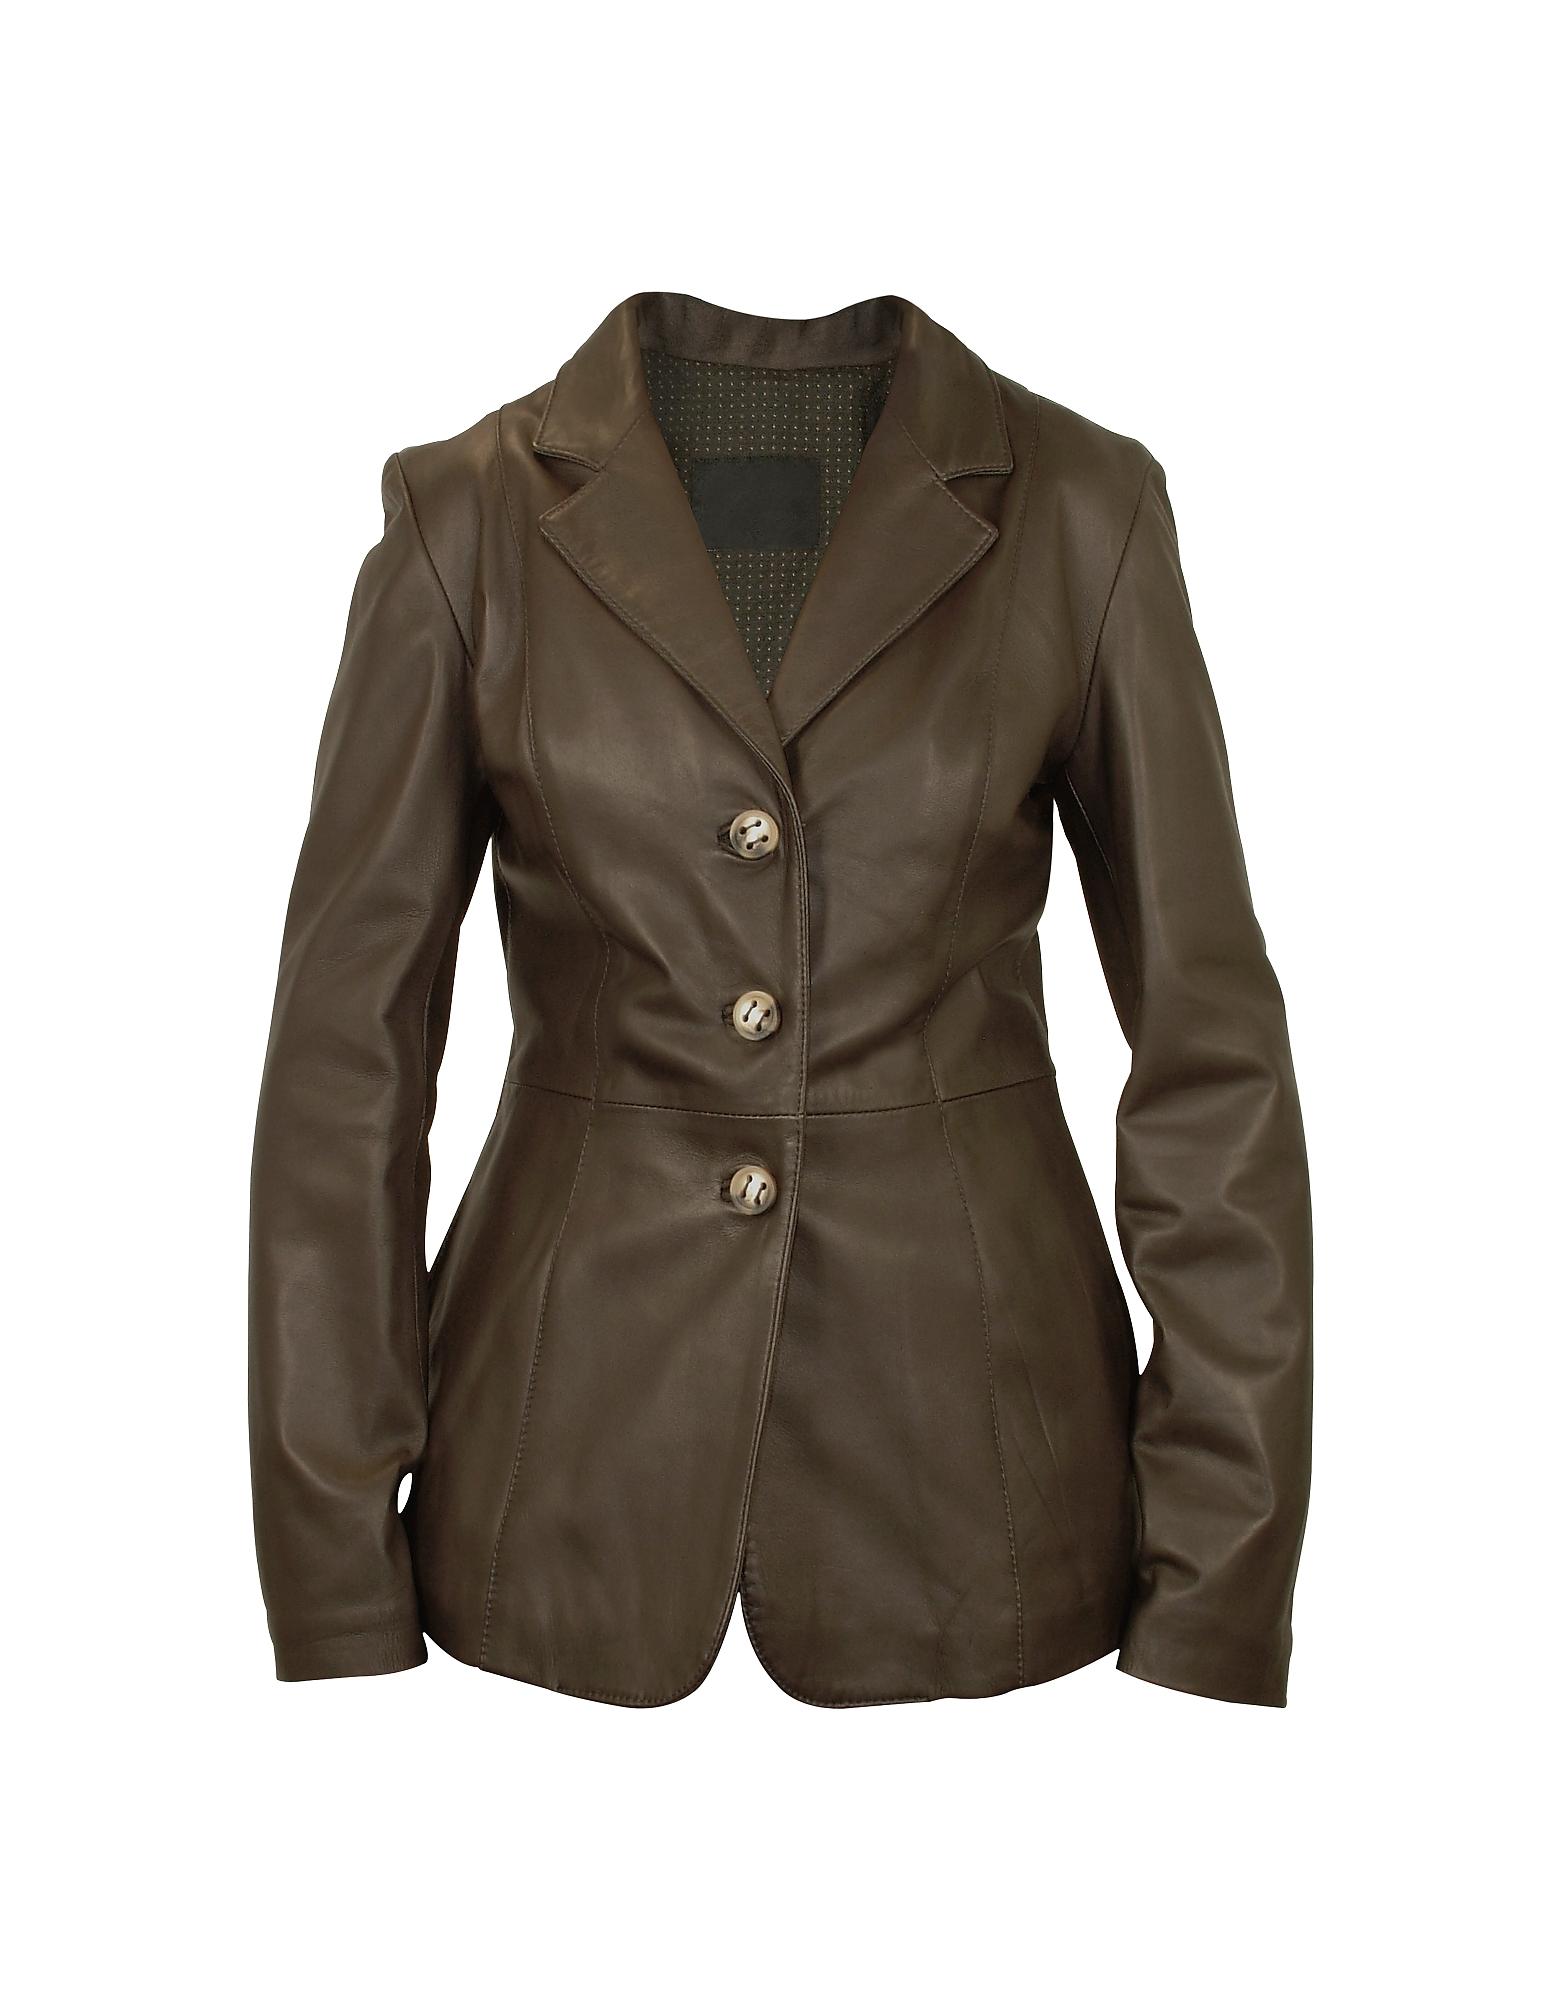 Forzieri Темно-коричневая Женская Кожаная Куртка на Трех Пуговицах